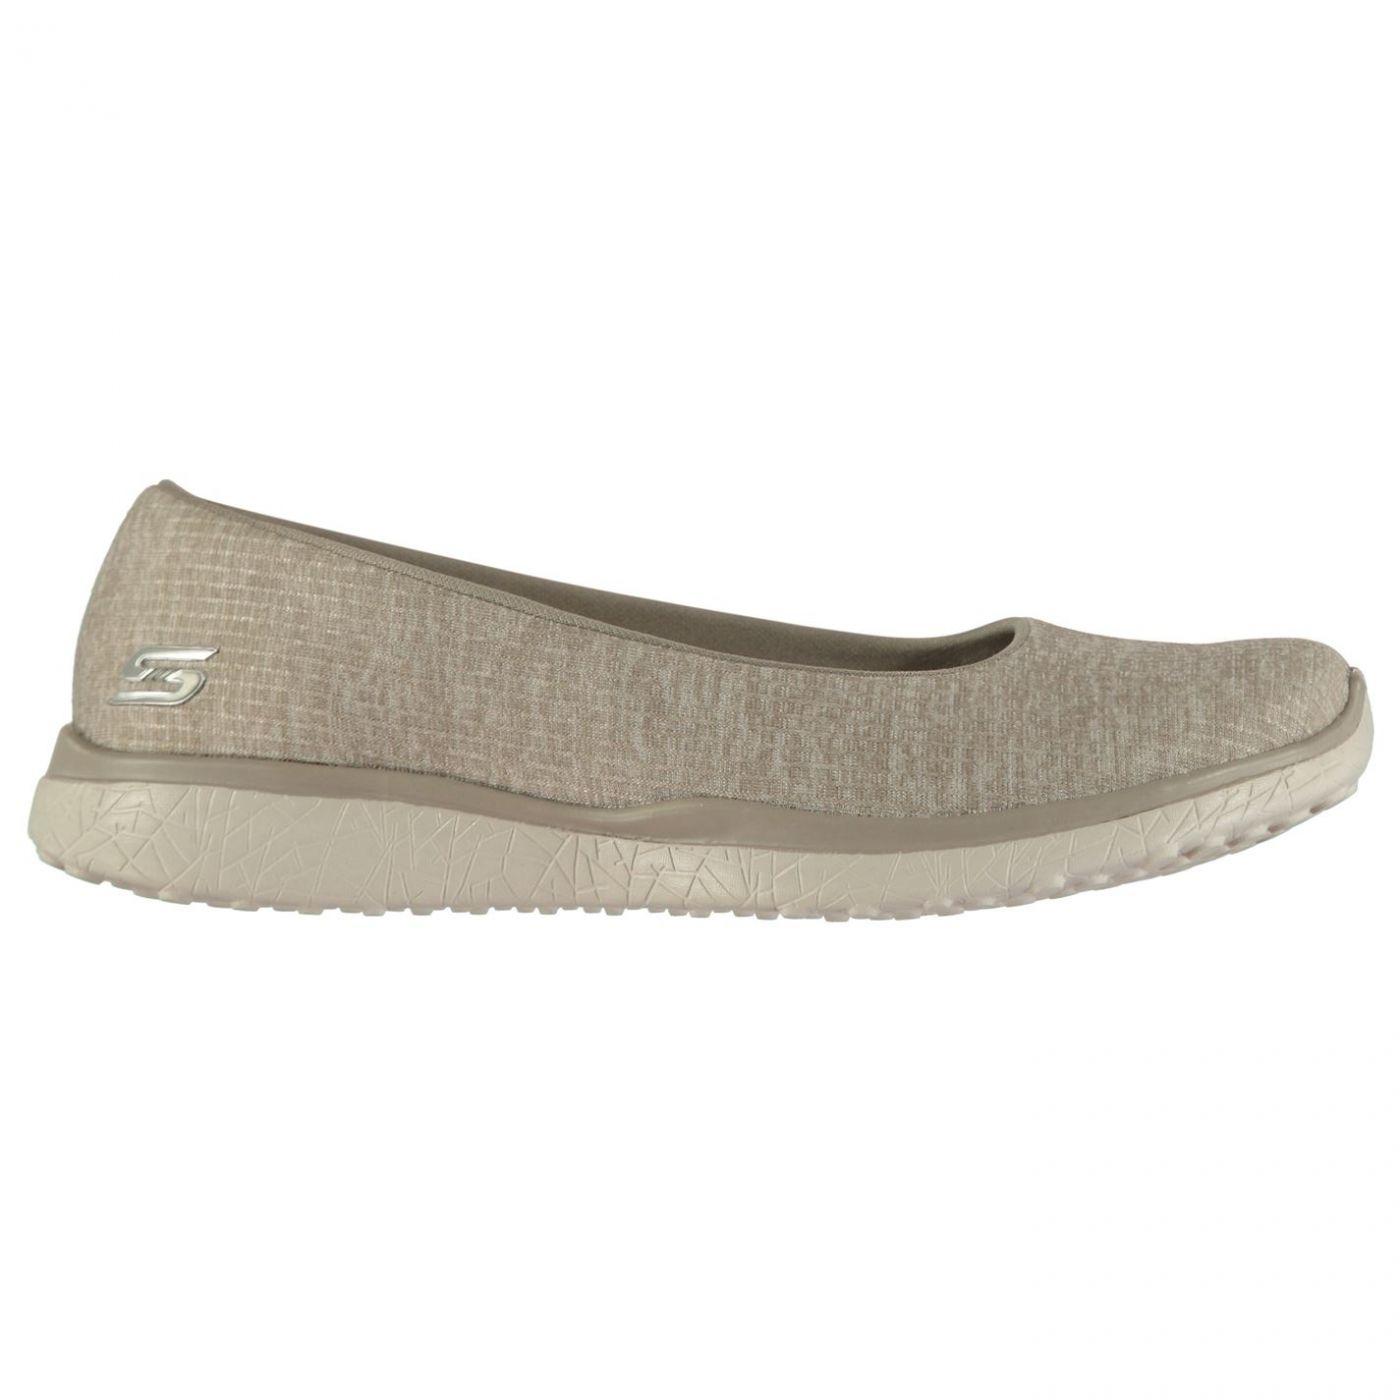 Skechers Microburst Darling Dash Ladies Shoes